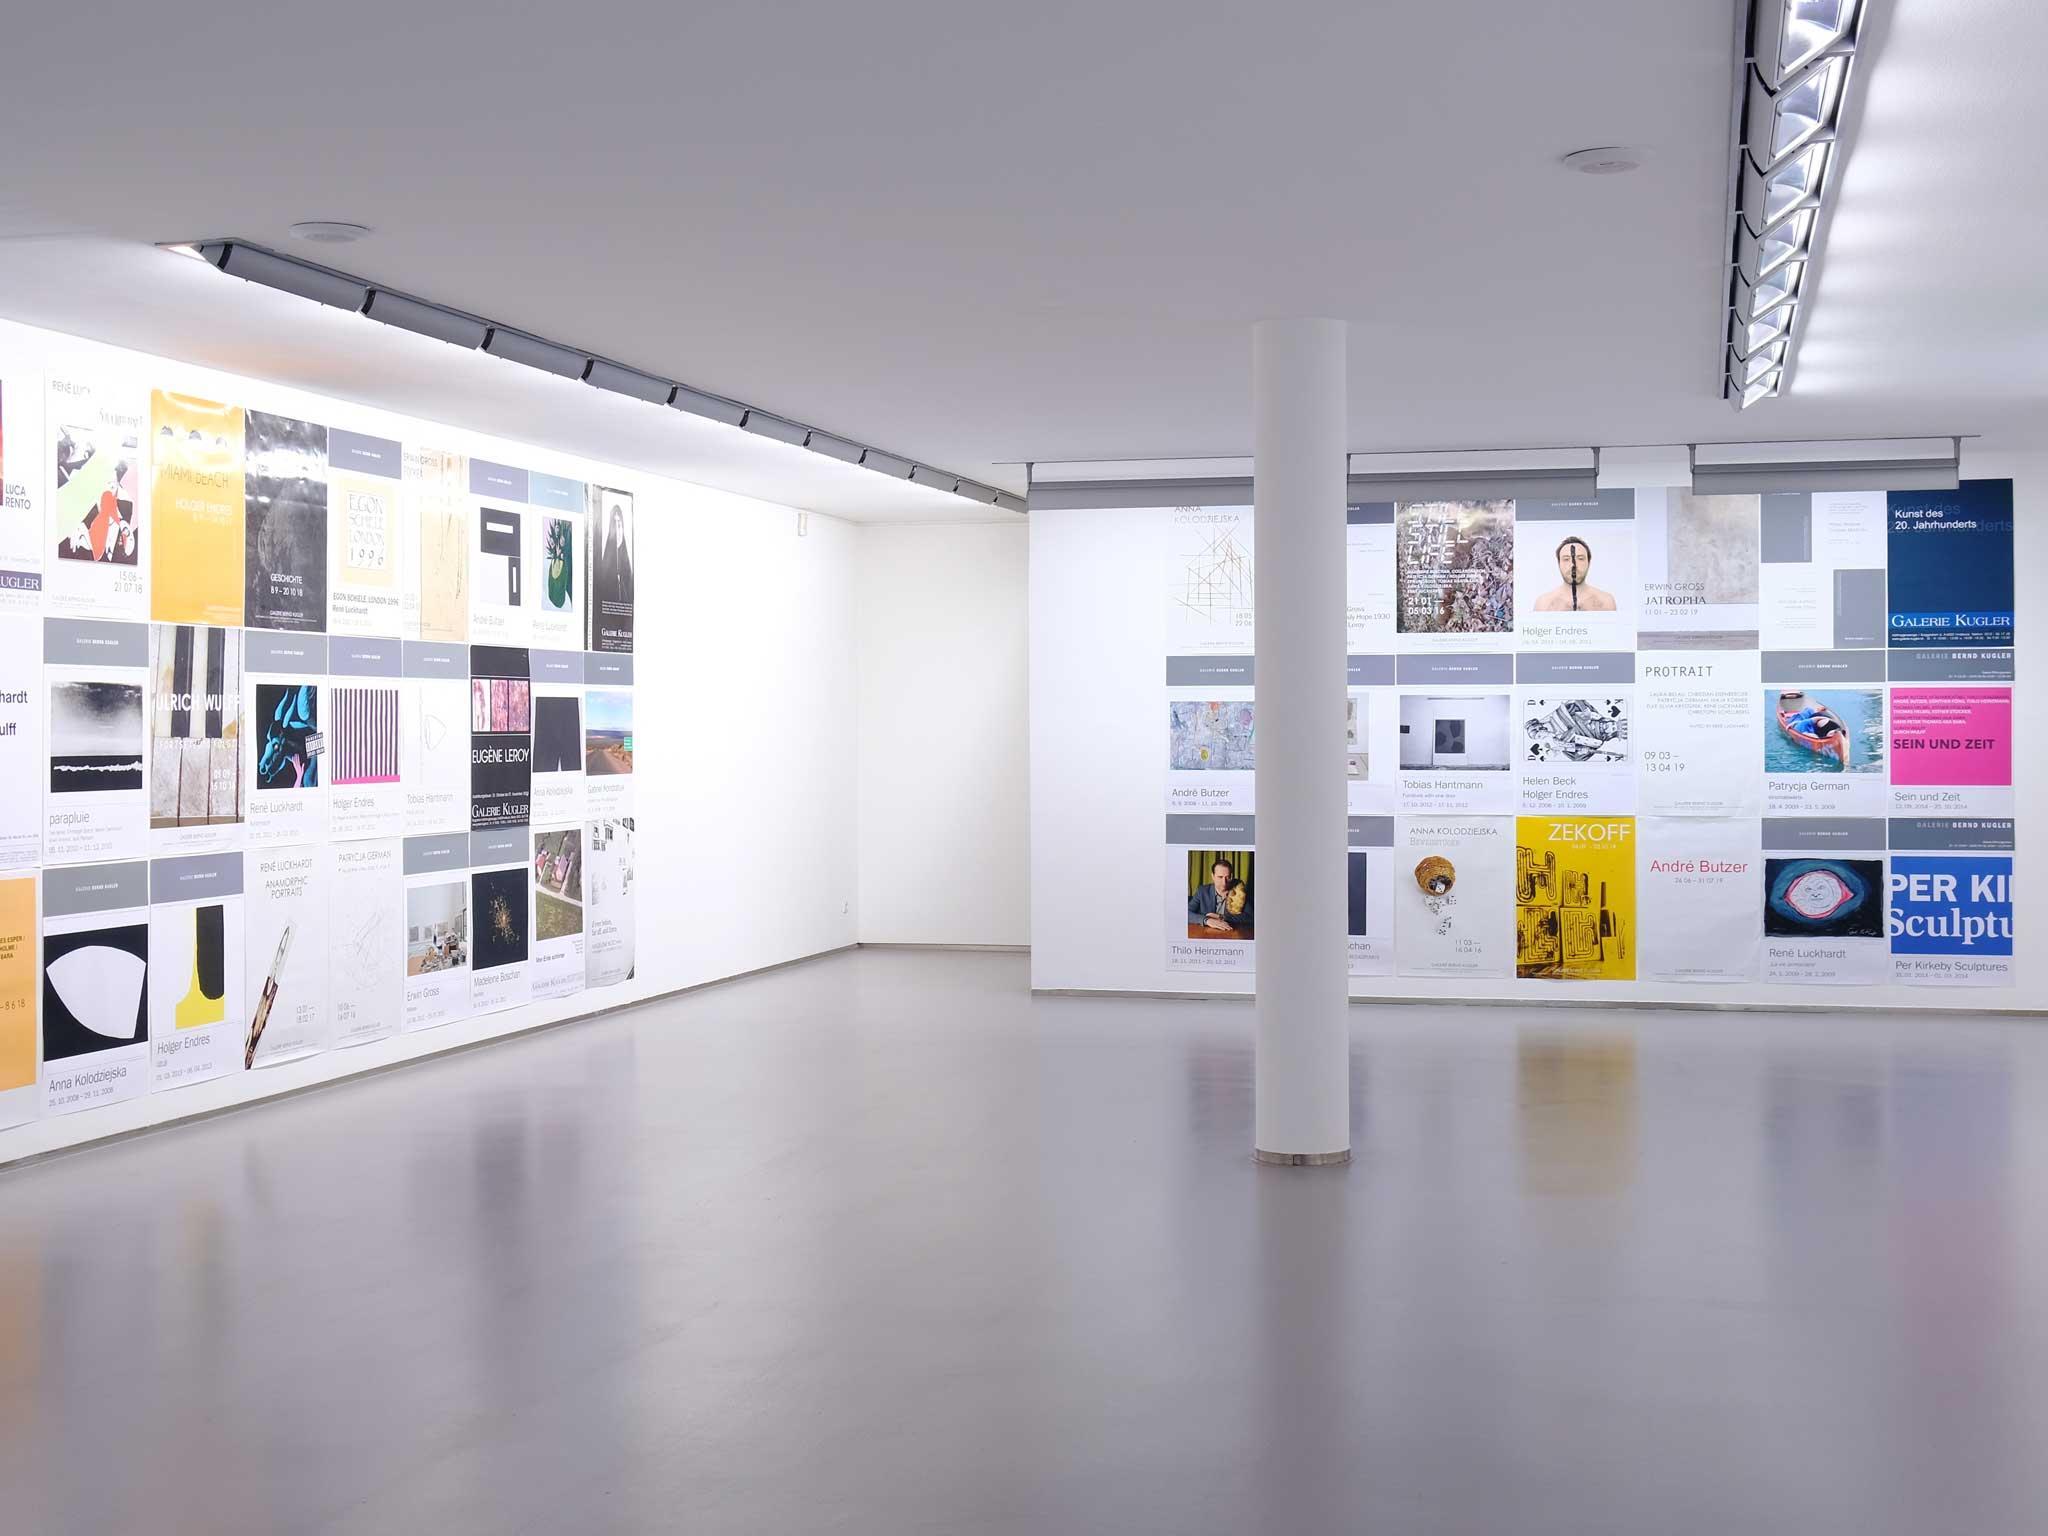 Galerie Bernd Kugler